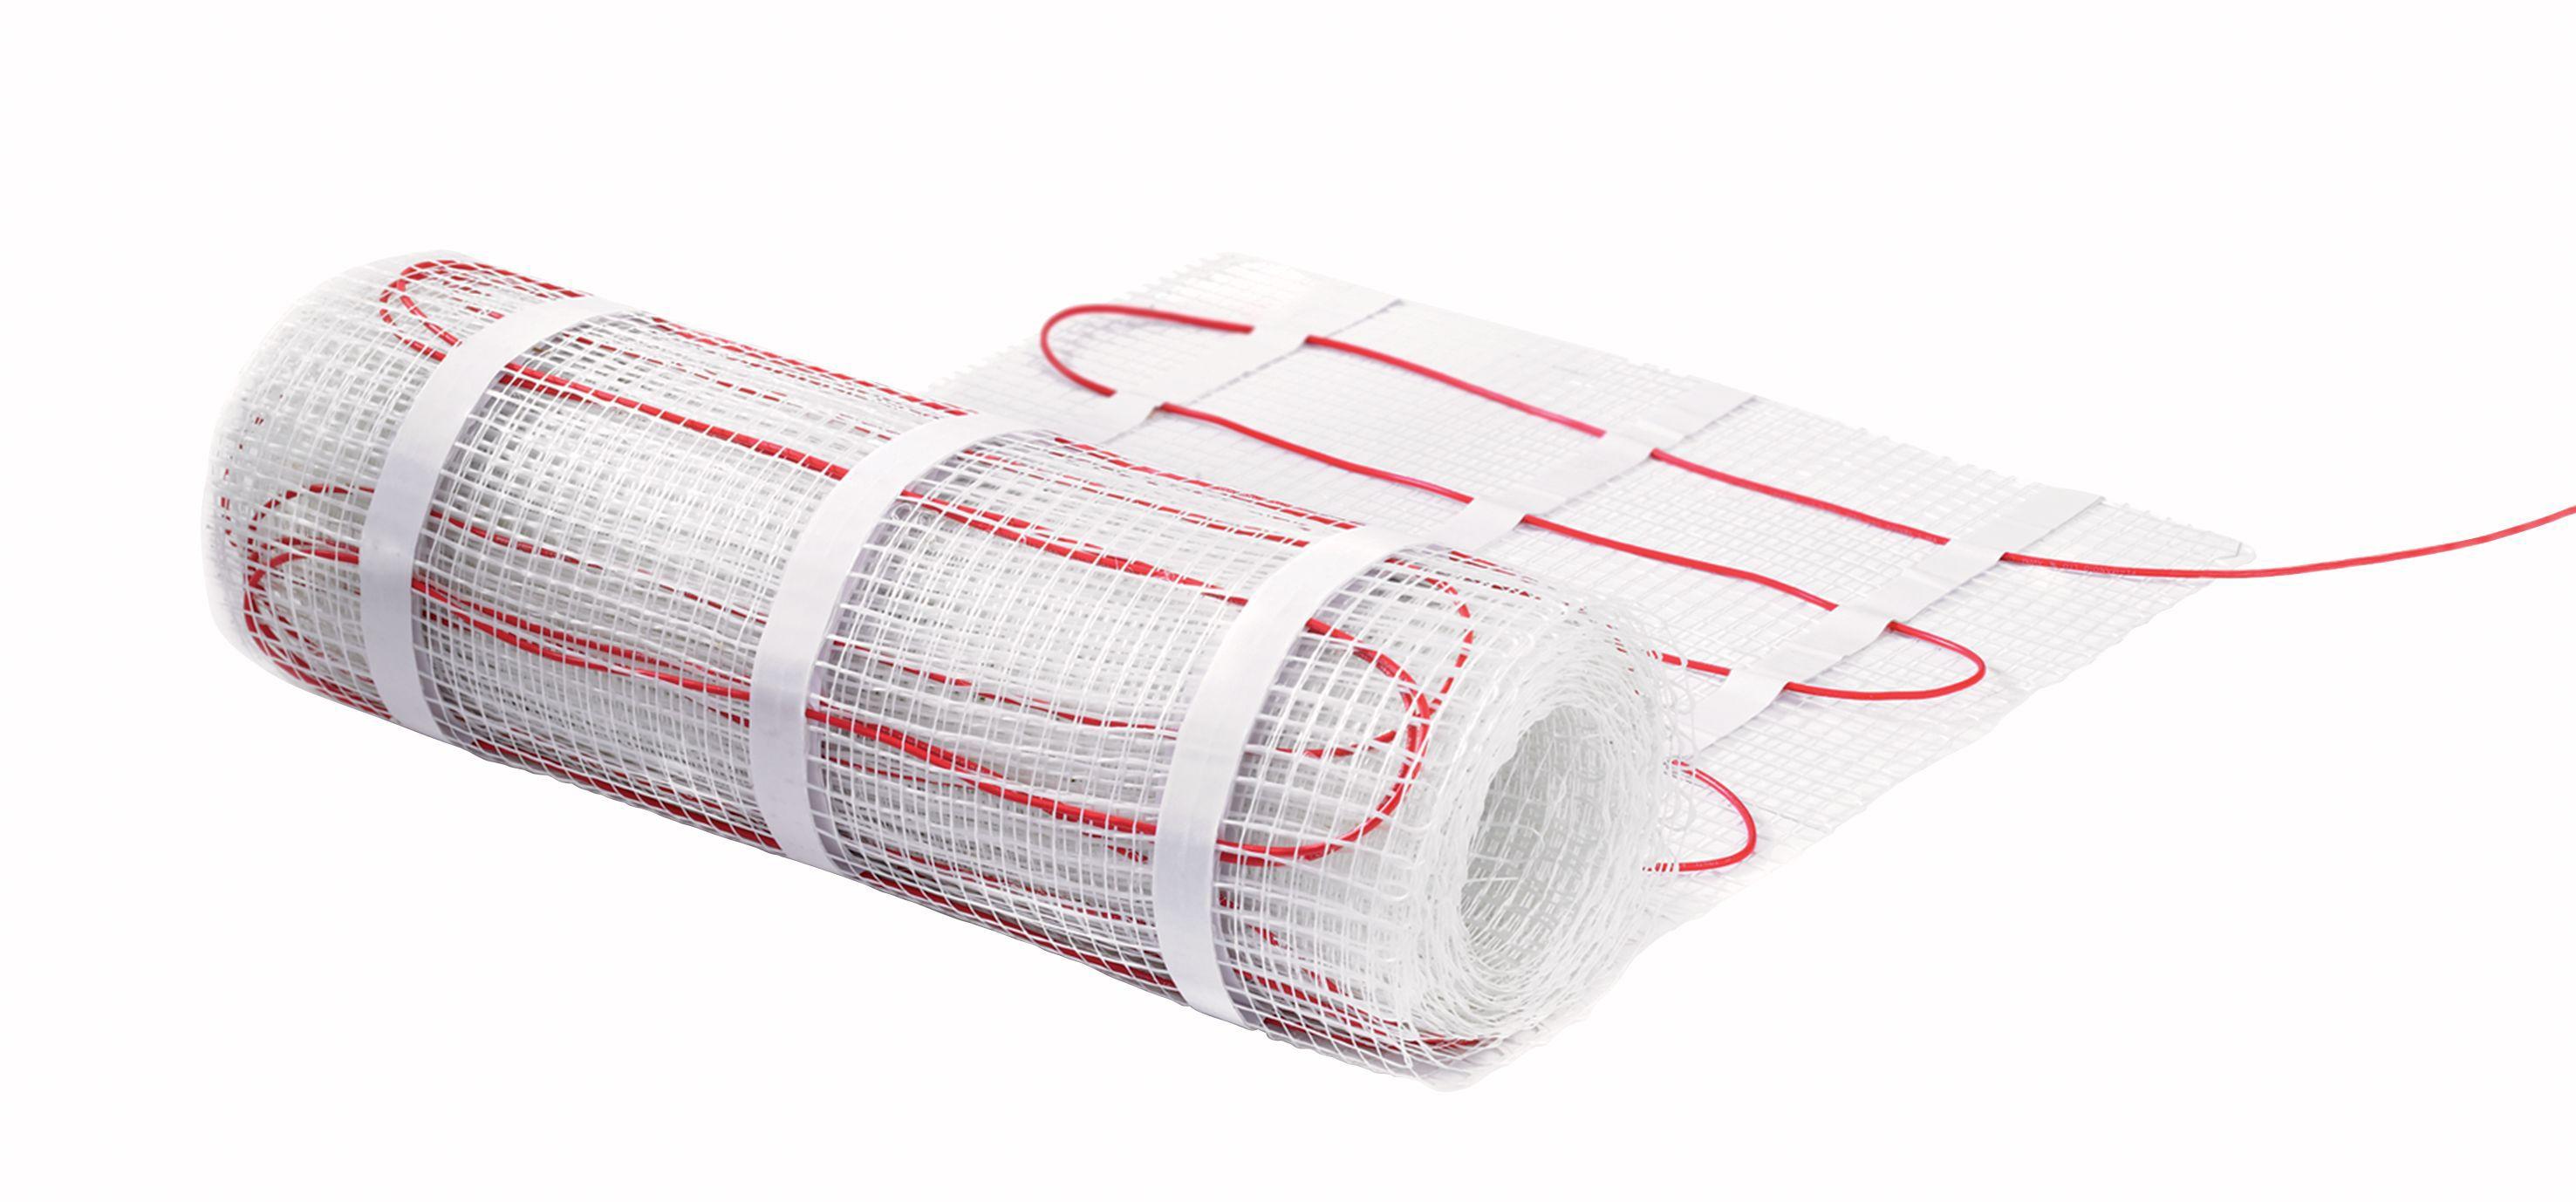 Homelux 2 m² Underfloor Heating | Departts | DIY at B&Q